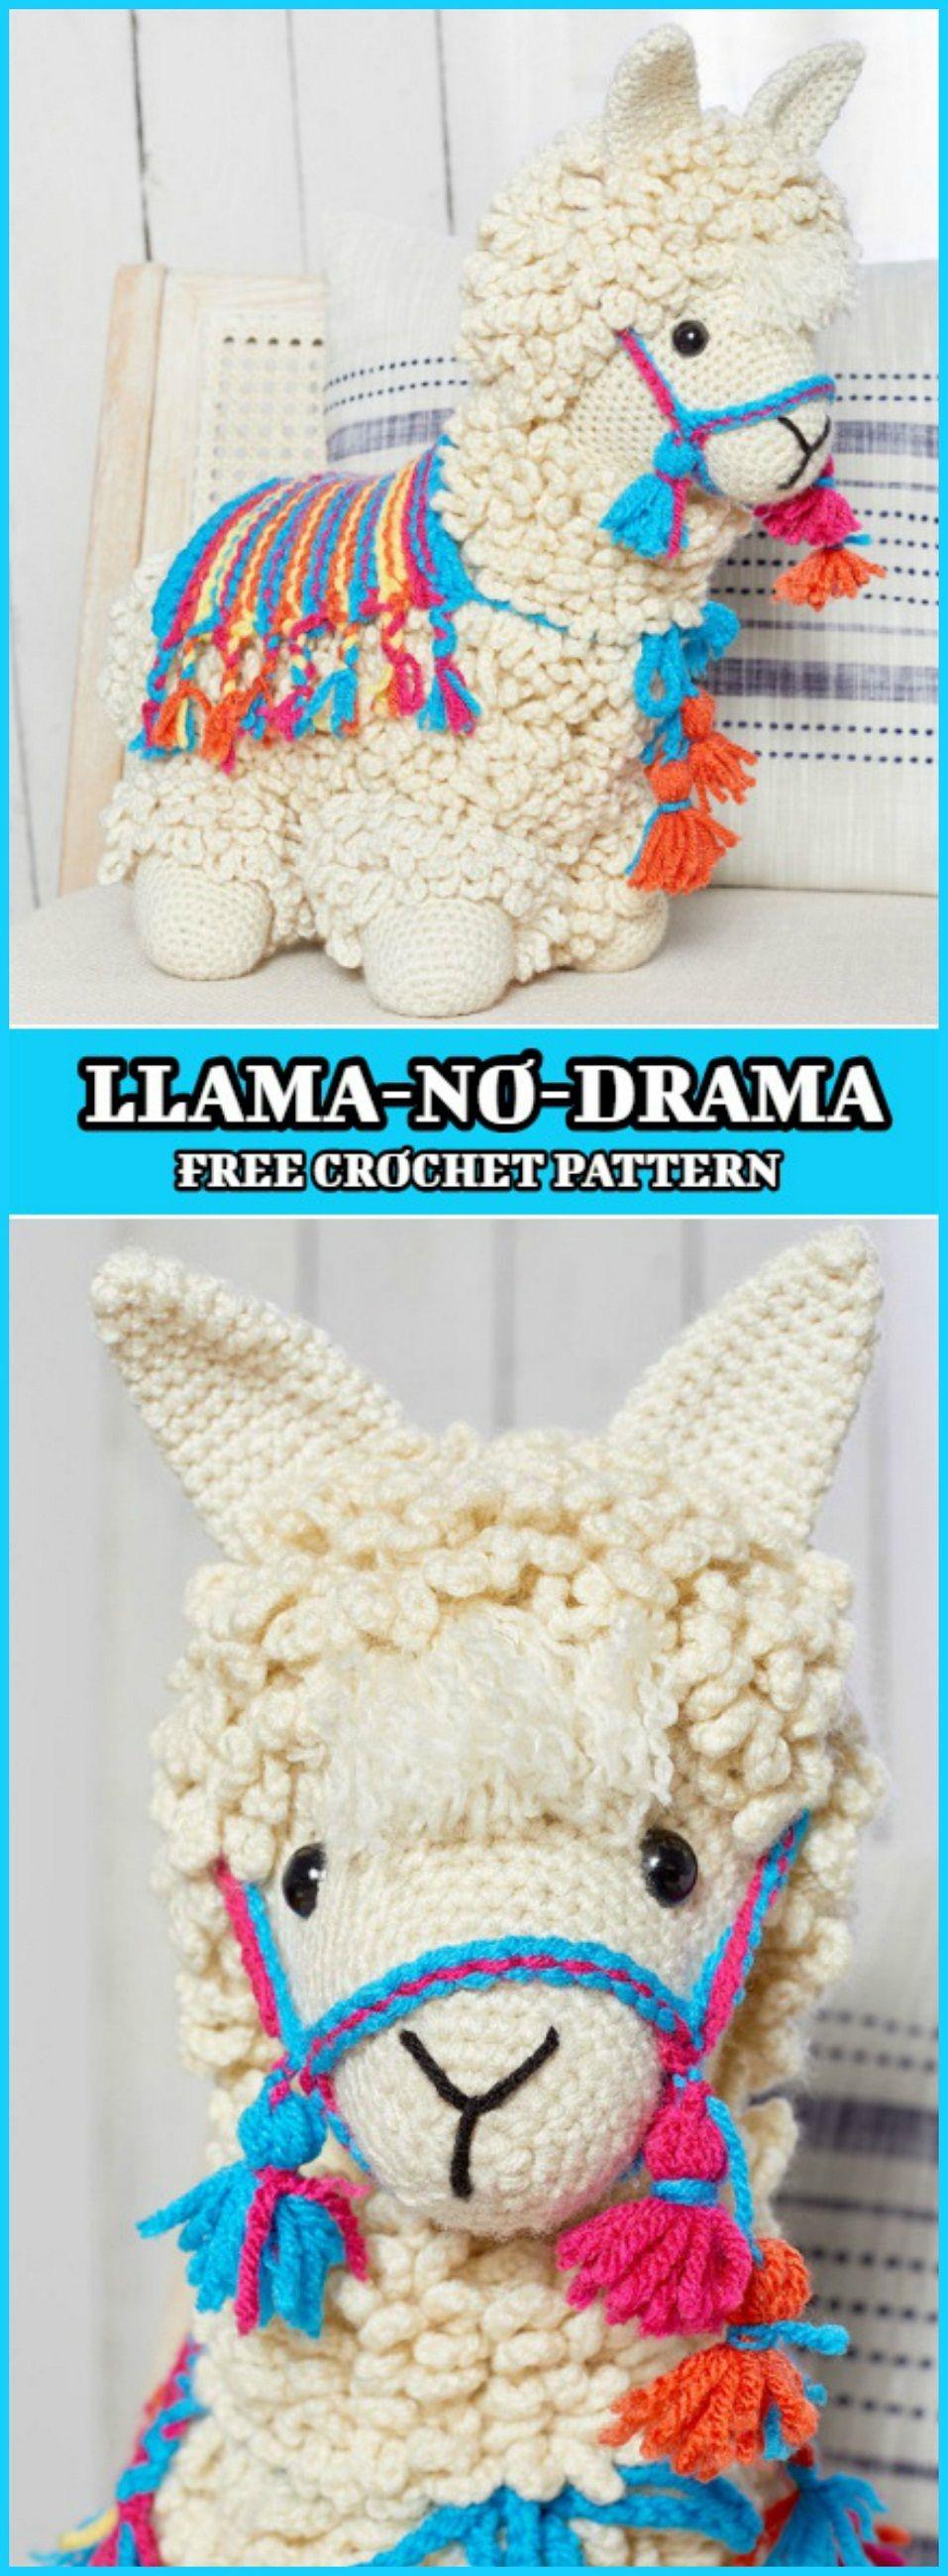 How To Crochet Llama - Free Pattern | Patrones amigurumi, Tejido y ...